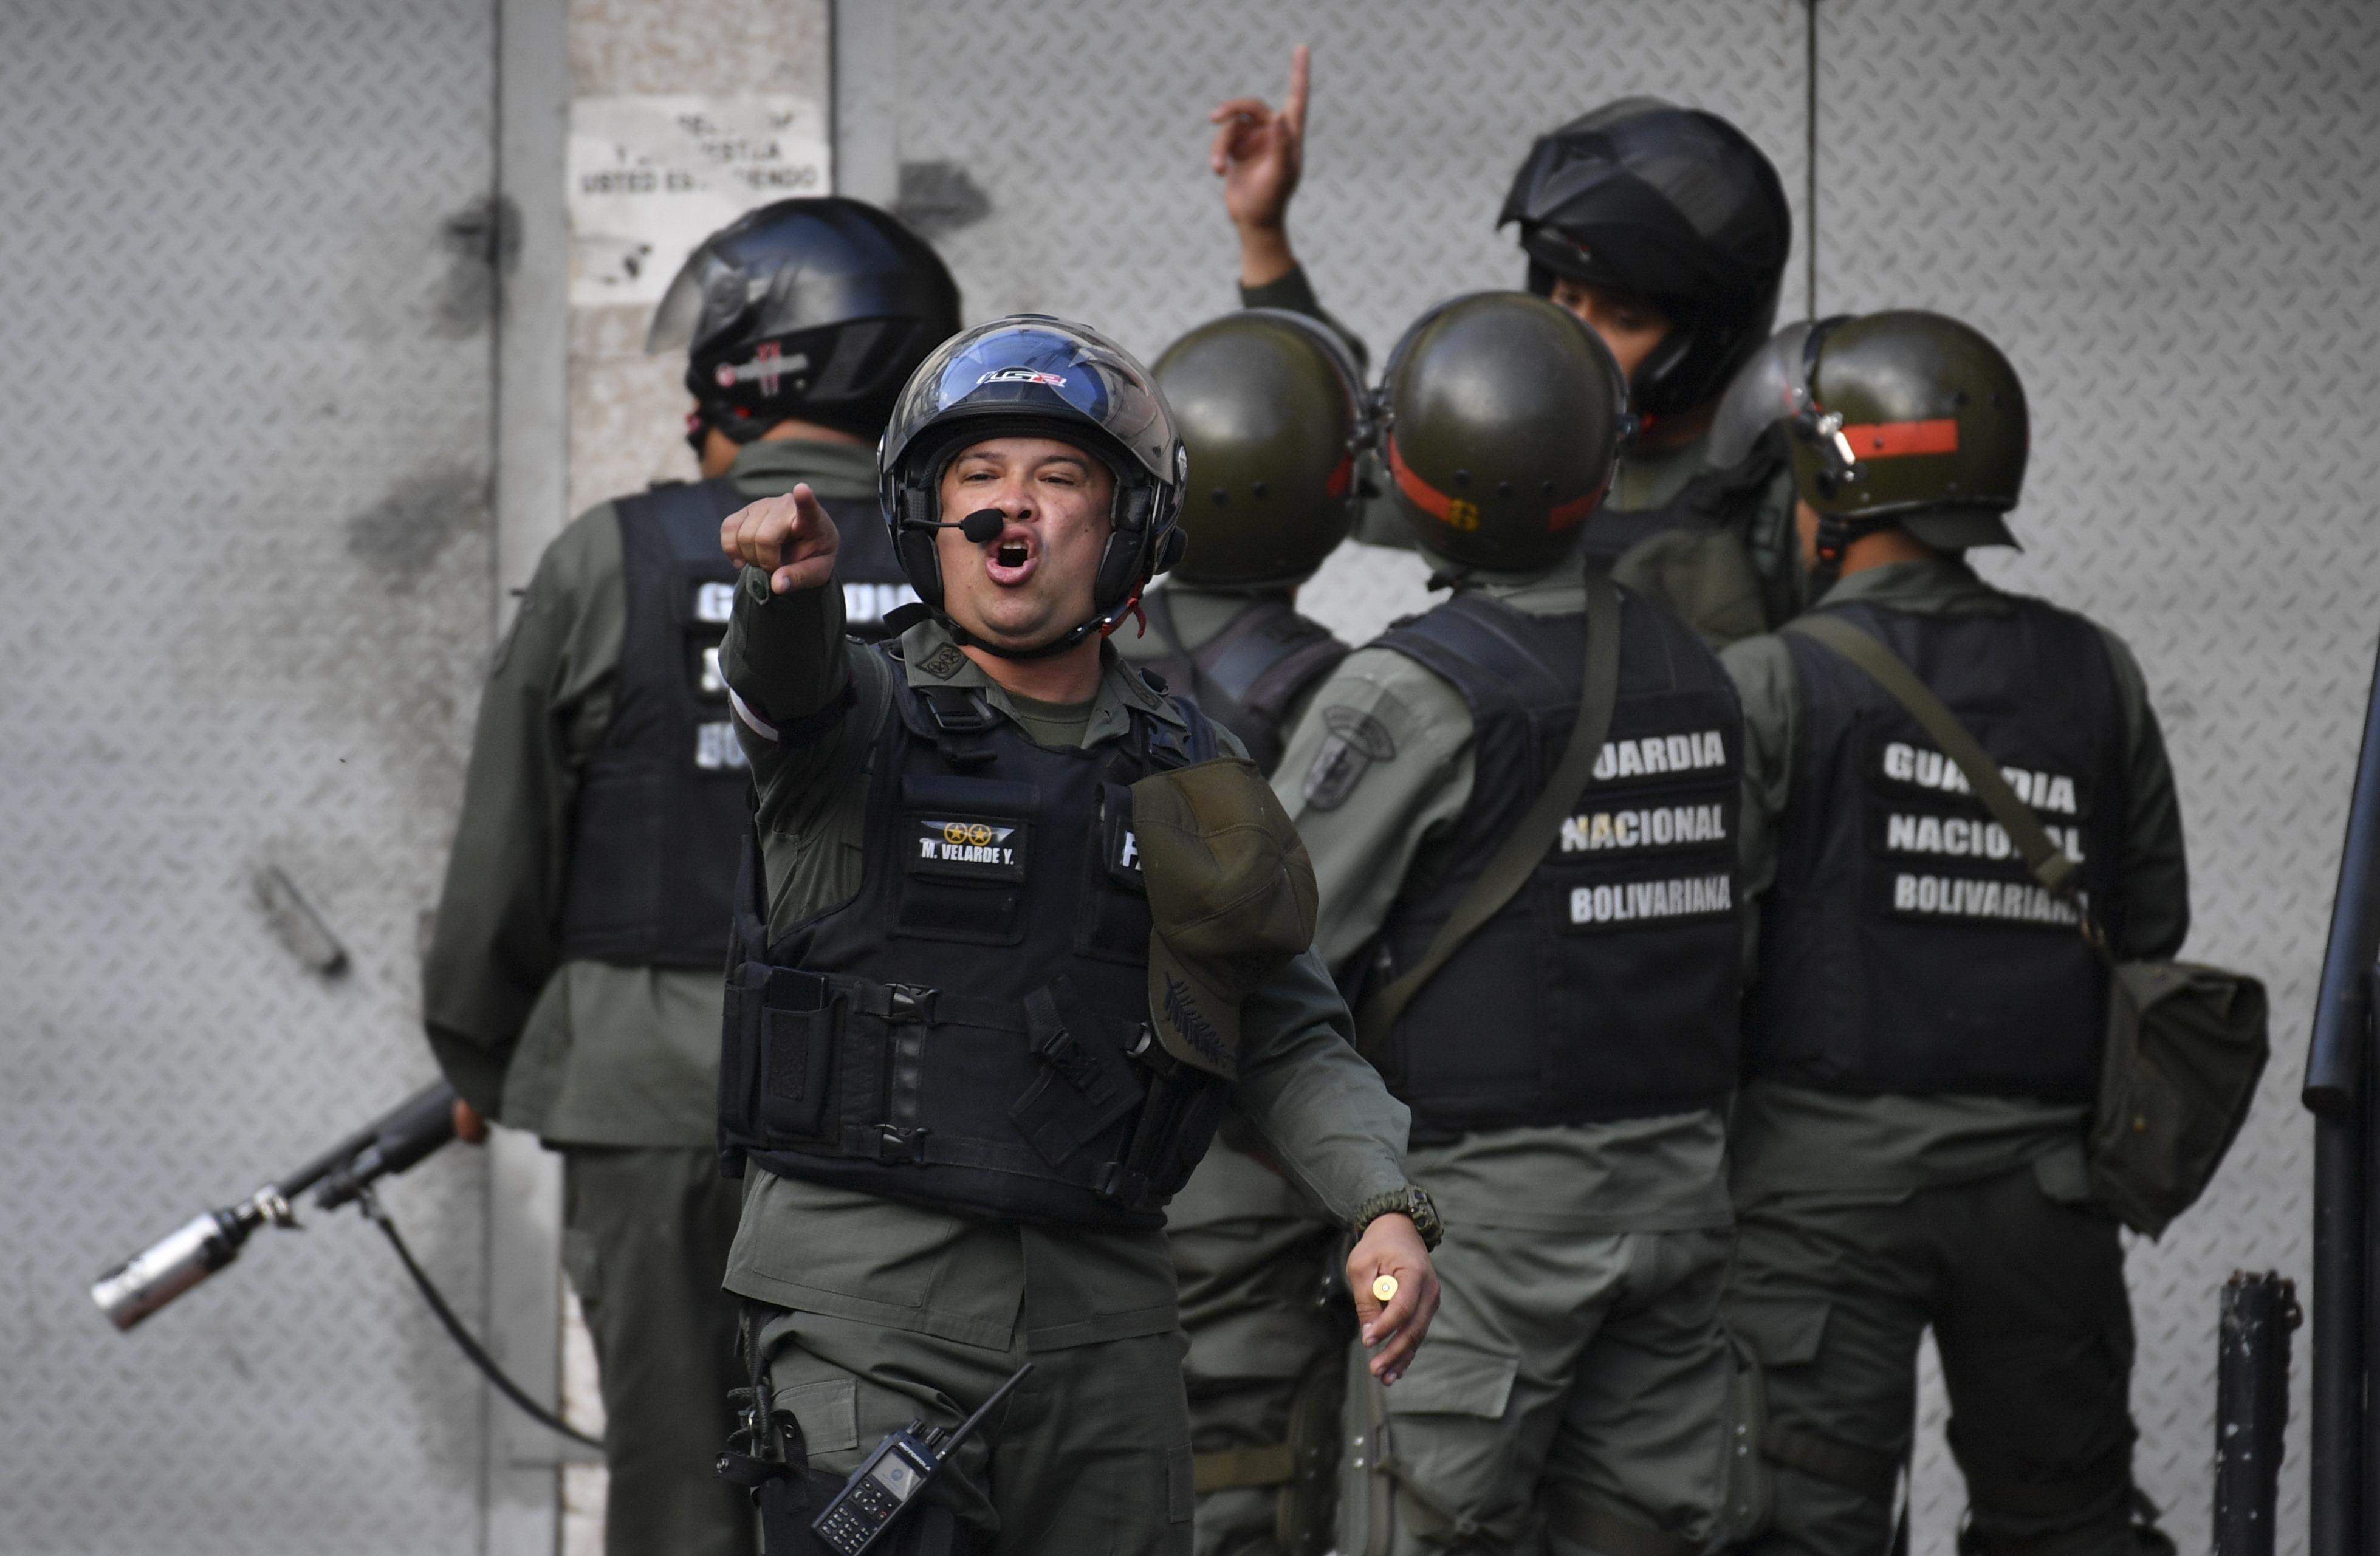 Los agentes de la GNB lanzan advertencias a los manifestantescerca del cuartel de Cotiza, en Caracas